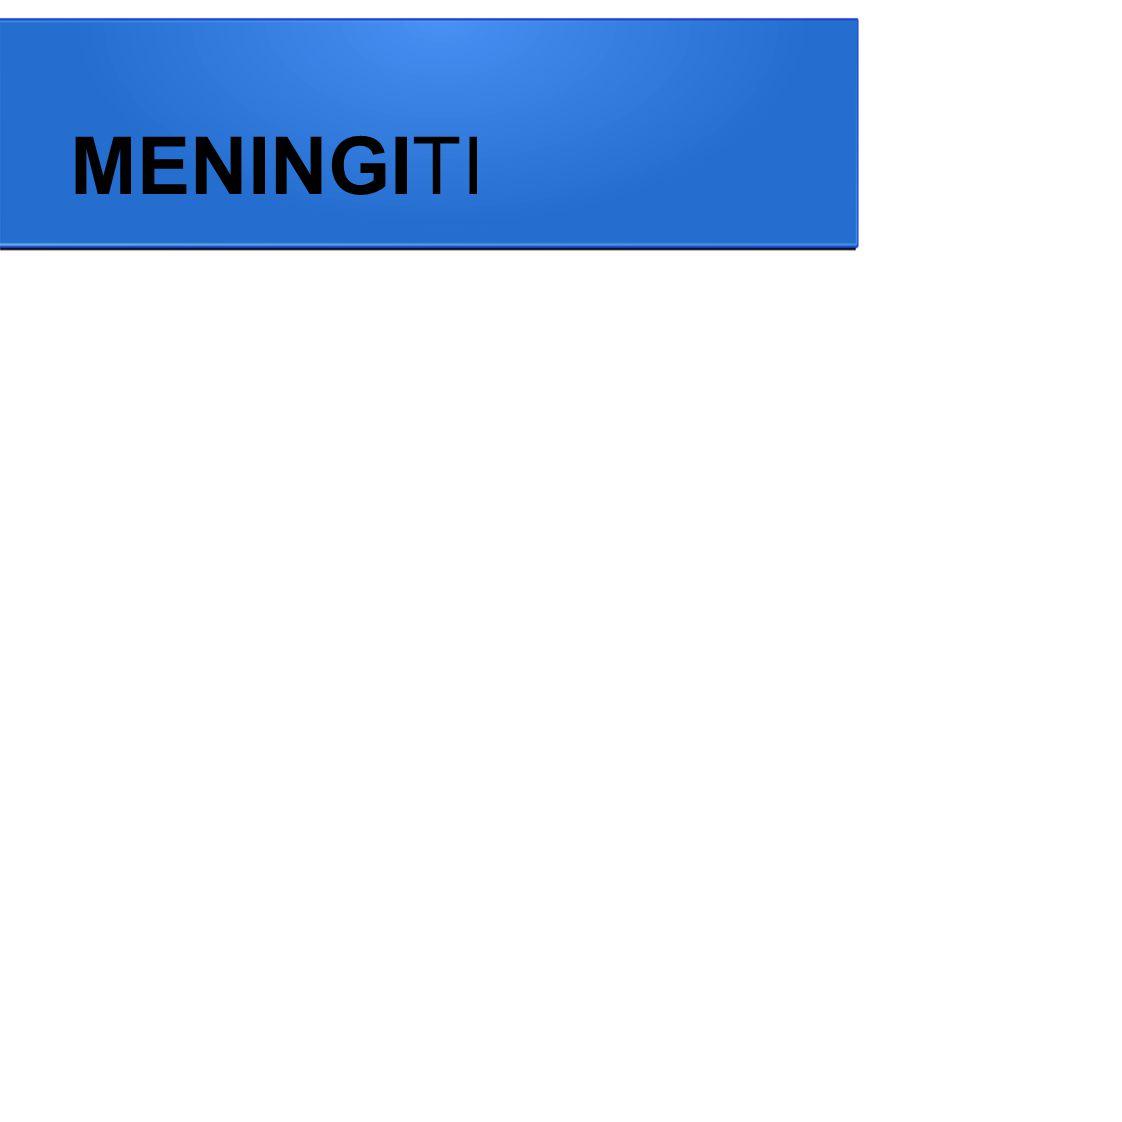 MENINGITI